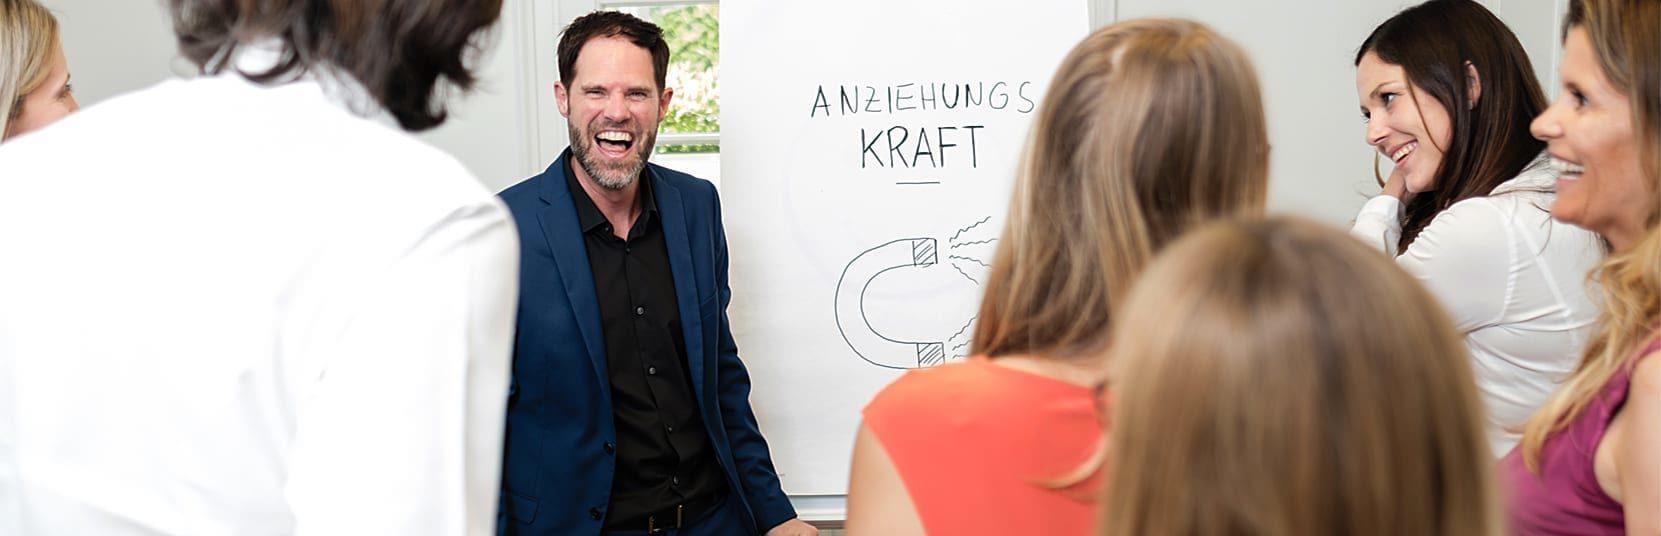 Seminare Markenentwicklung - Andreas Powisch: Wirkung zeigen und Menschen überzeugen